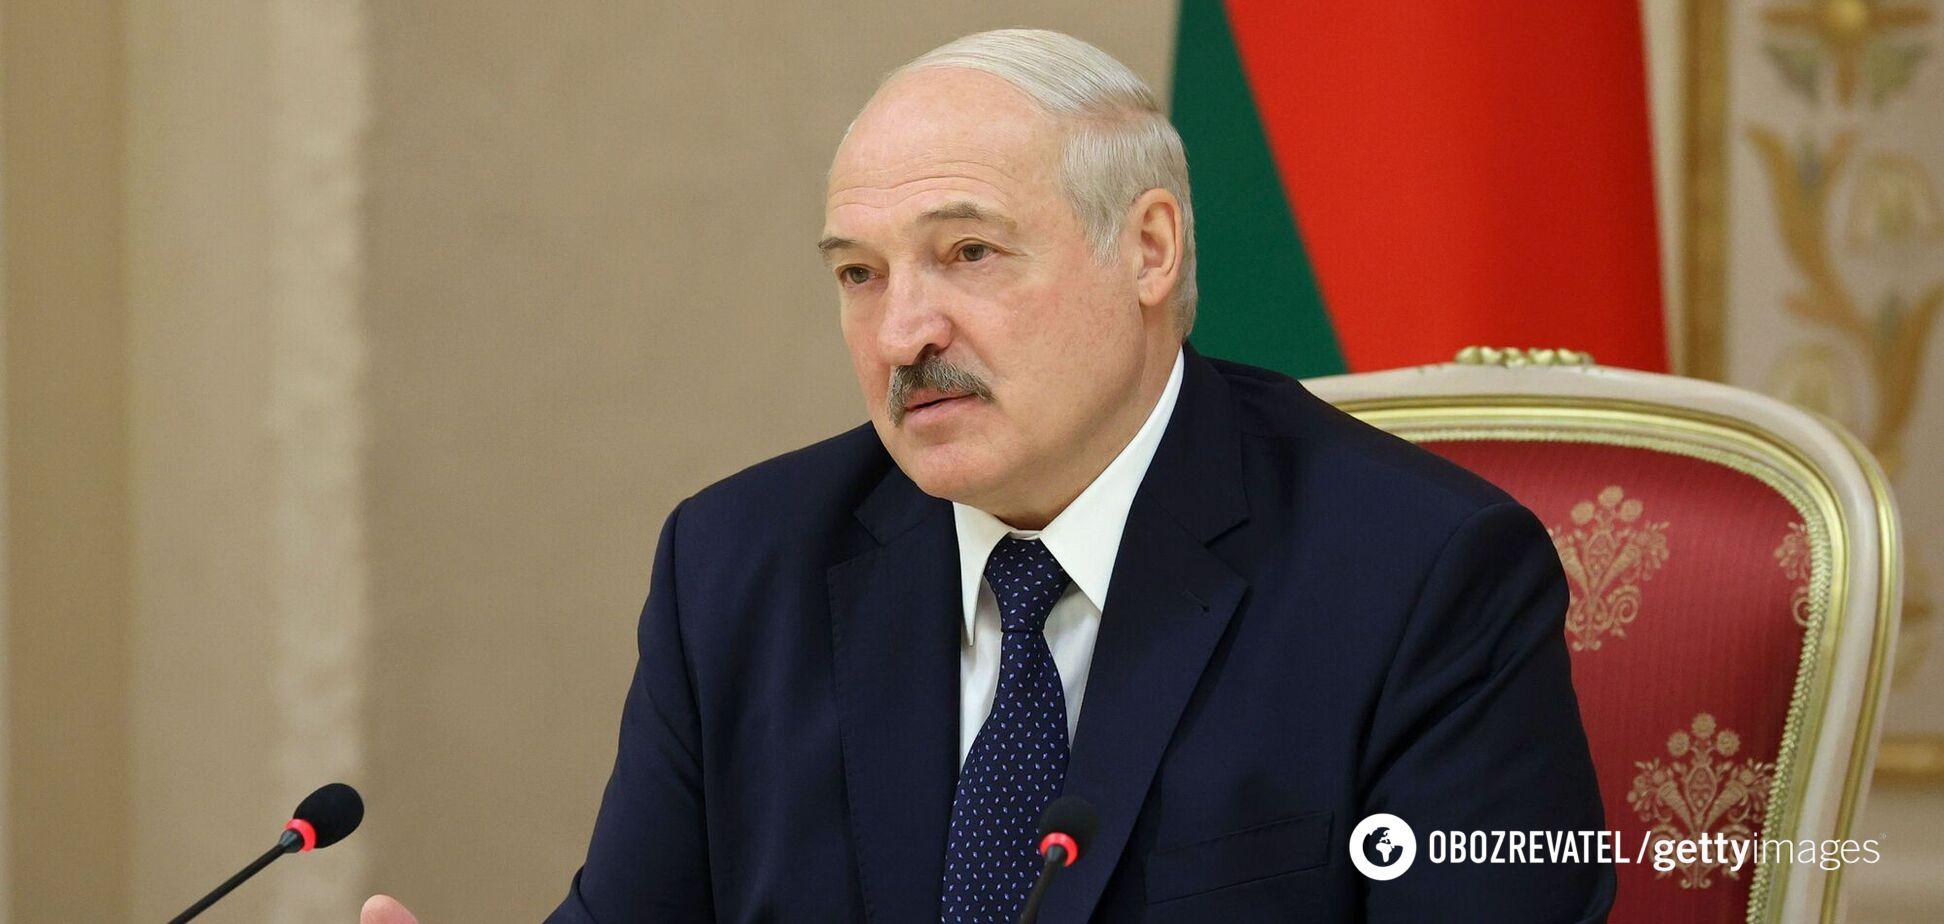 Незаконно обраний президент Білорусі Олександр Лукашенко